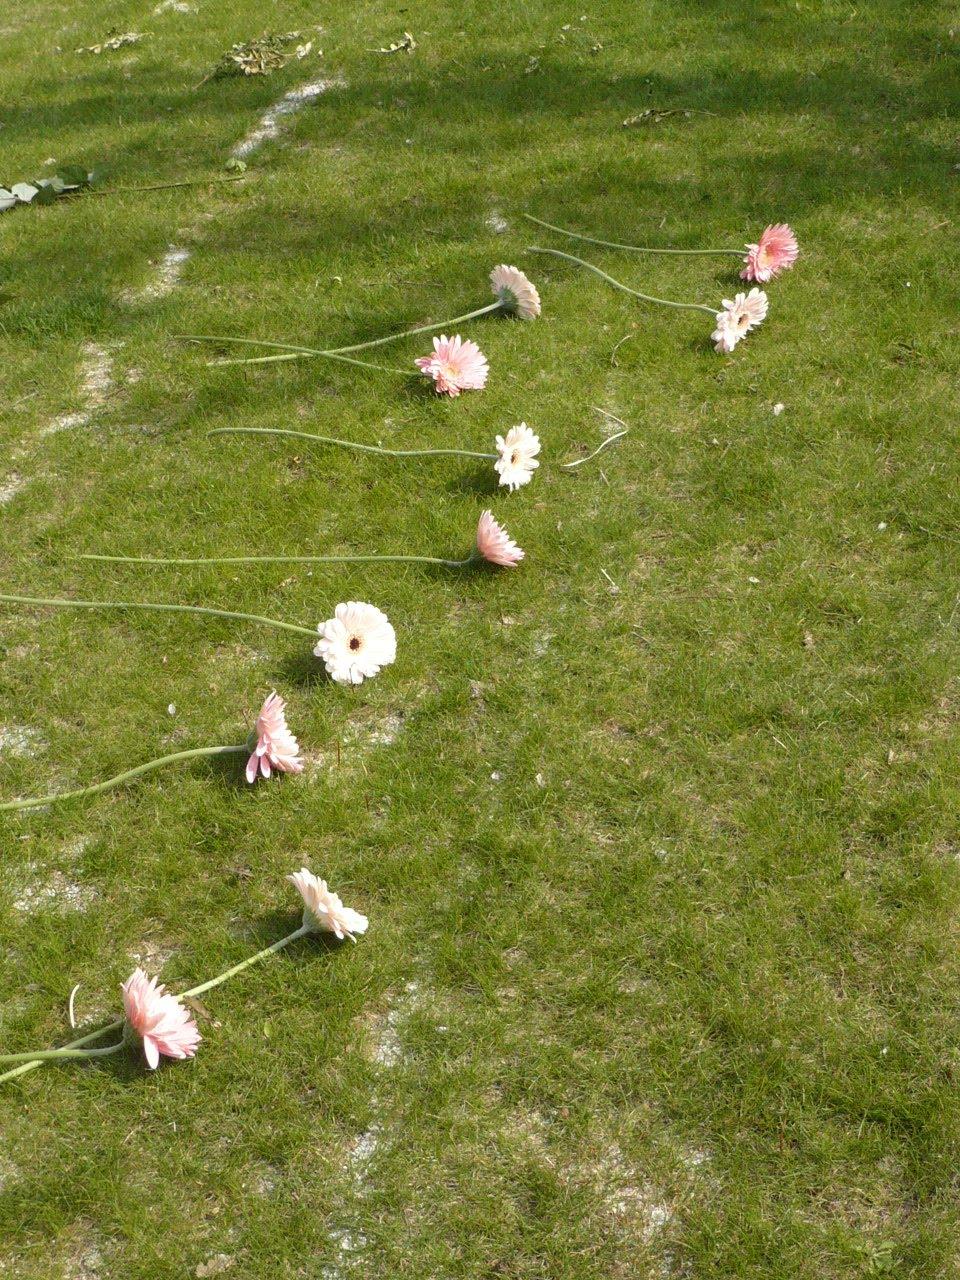 Les merveilles de danielle le cimeti re du p re lachaise les vivants ont rendez vous avec les - Jardin du souvenir pere lachaise ...